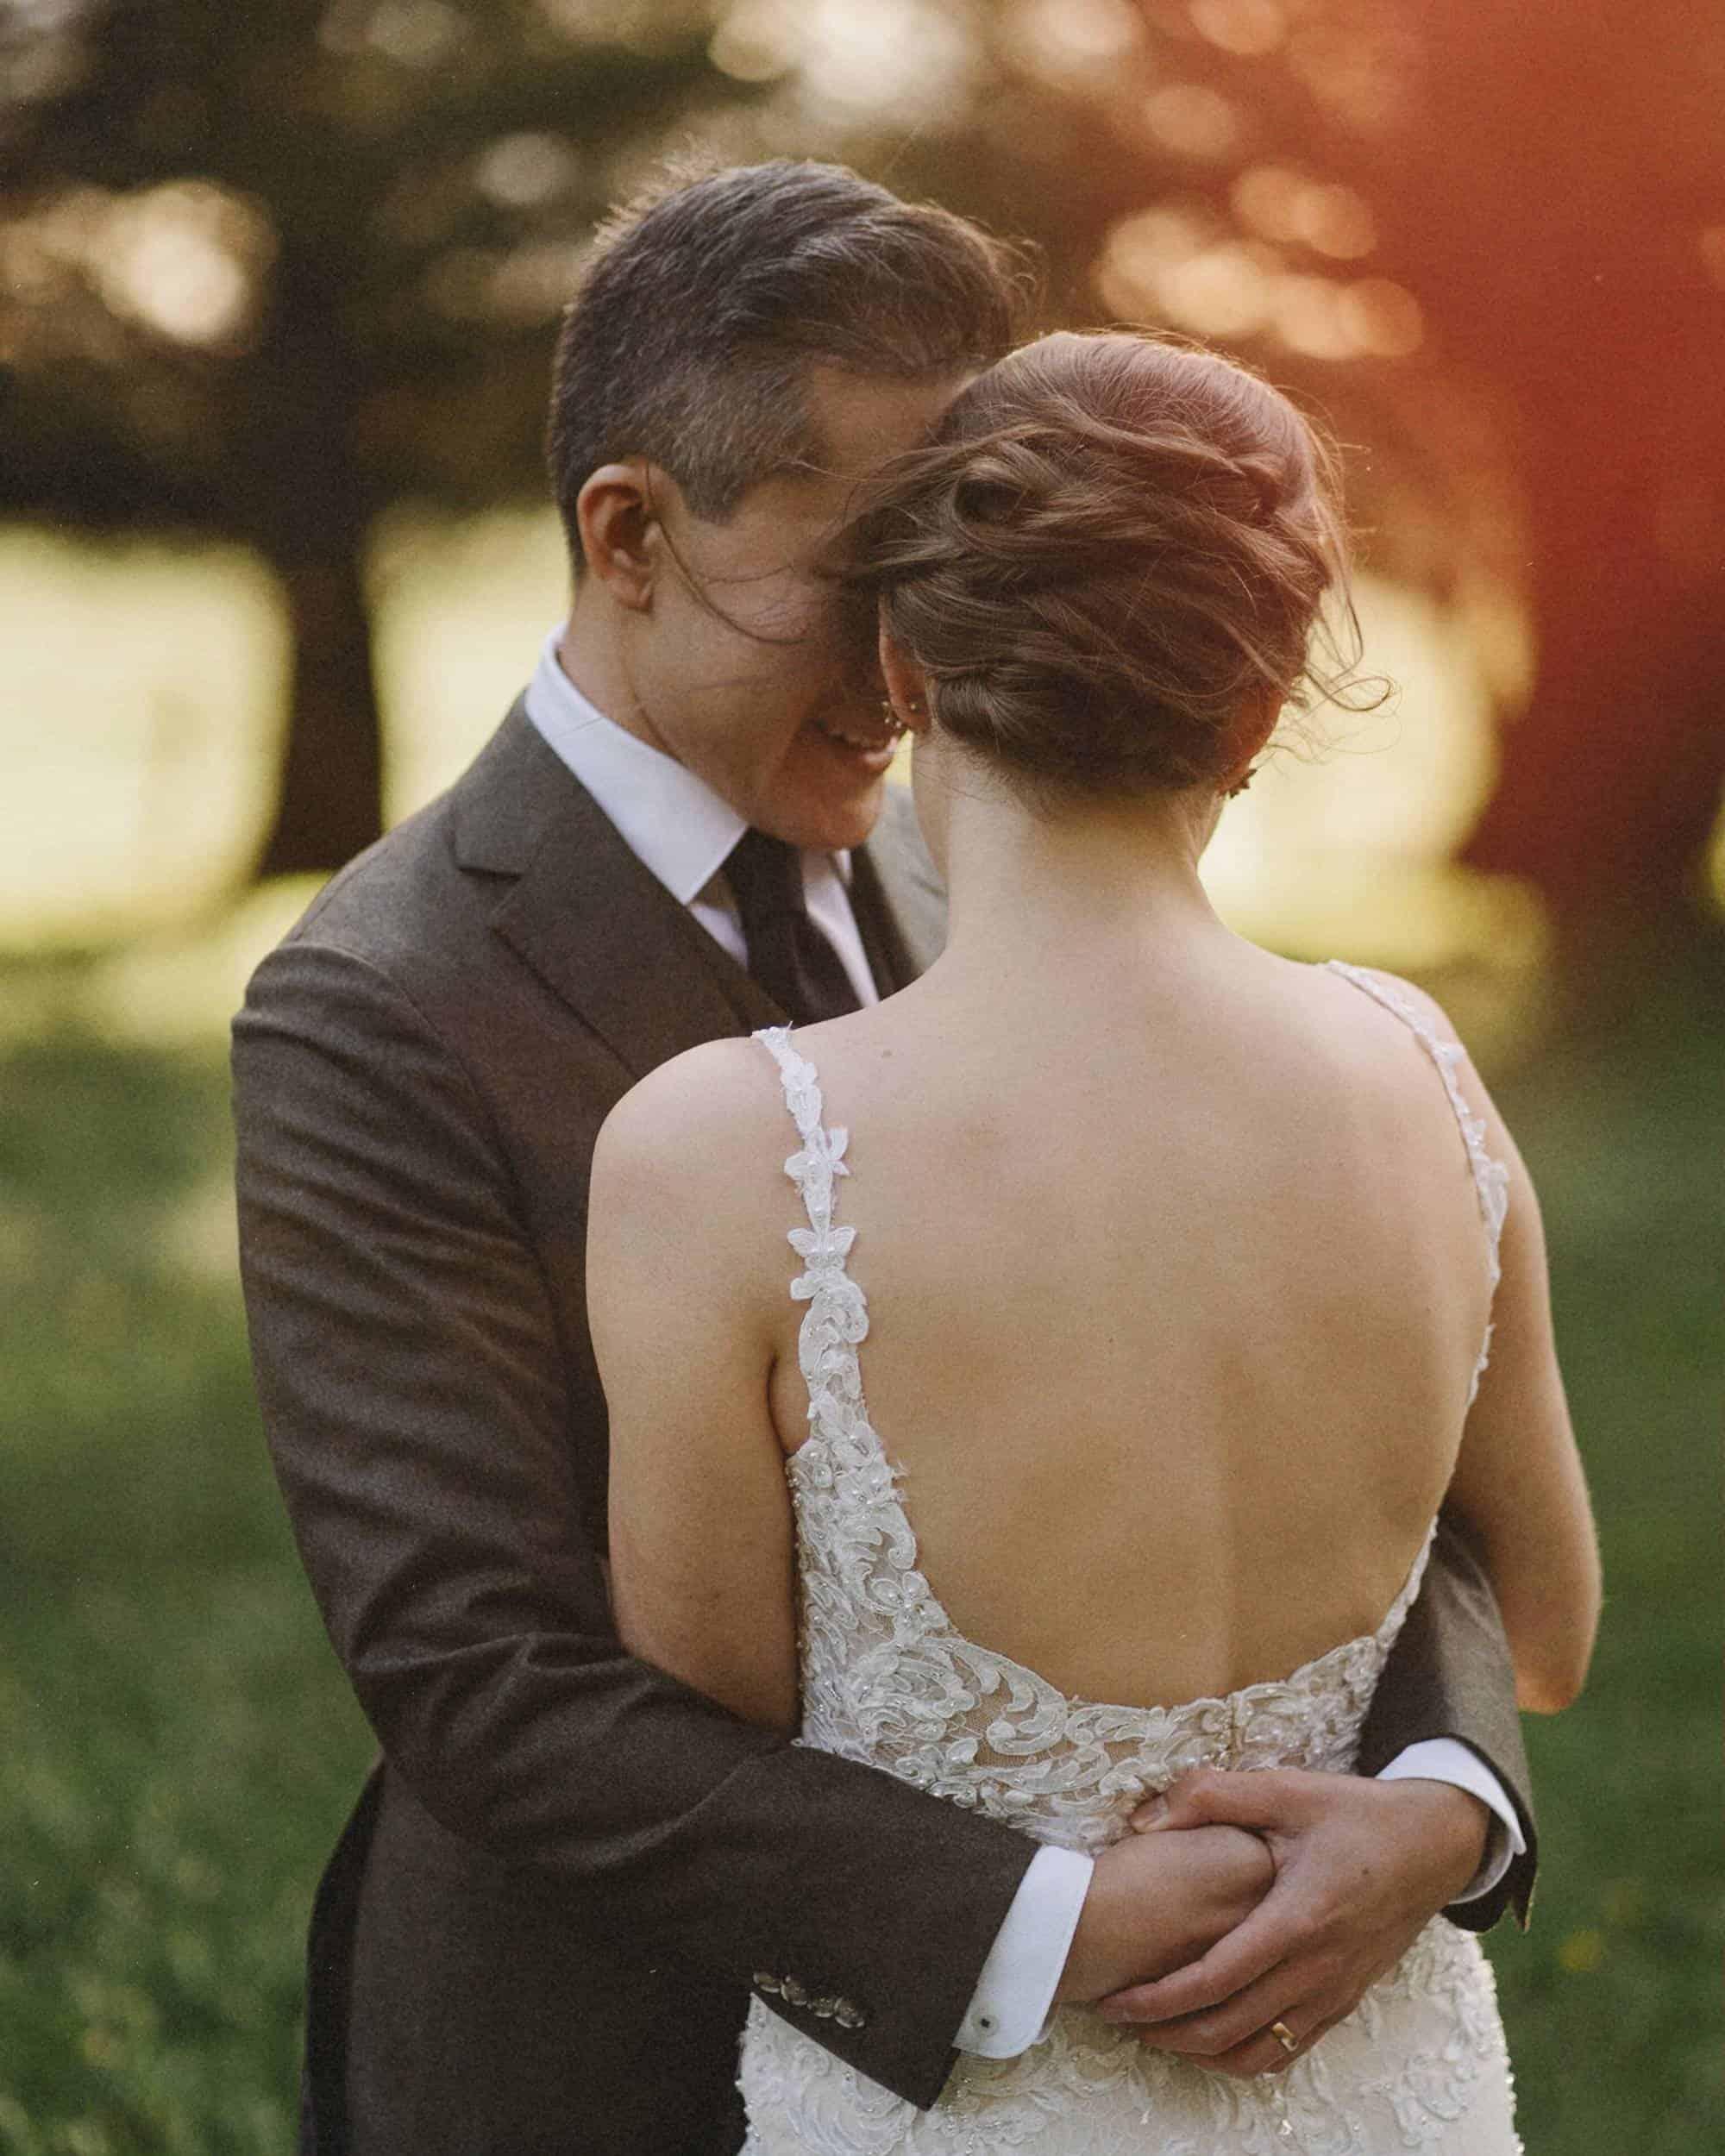 Beautiful wedding photo by Exeter wedding photographer Thom Stewart